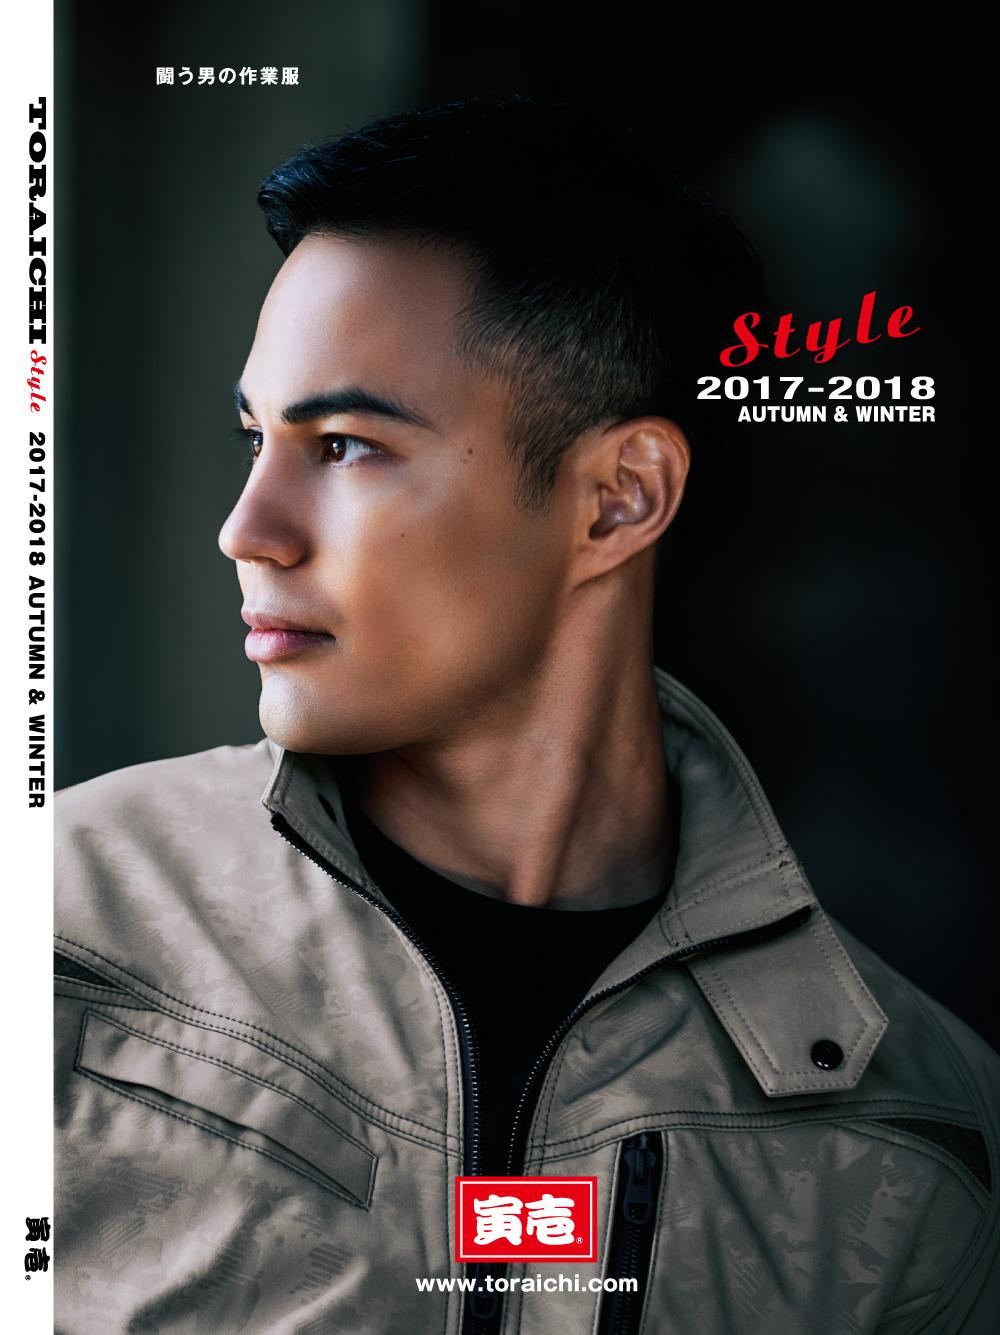 寅壱(TORAICHI)2017-2018年秋冬カタログ